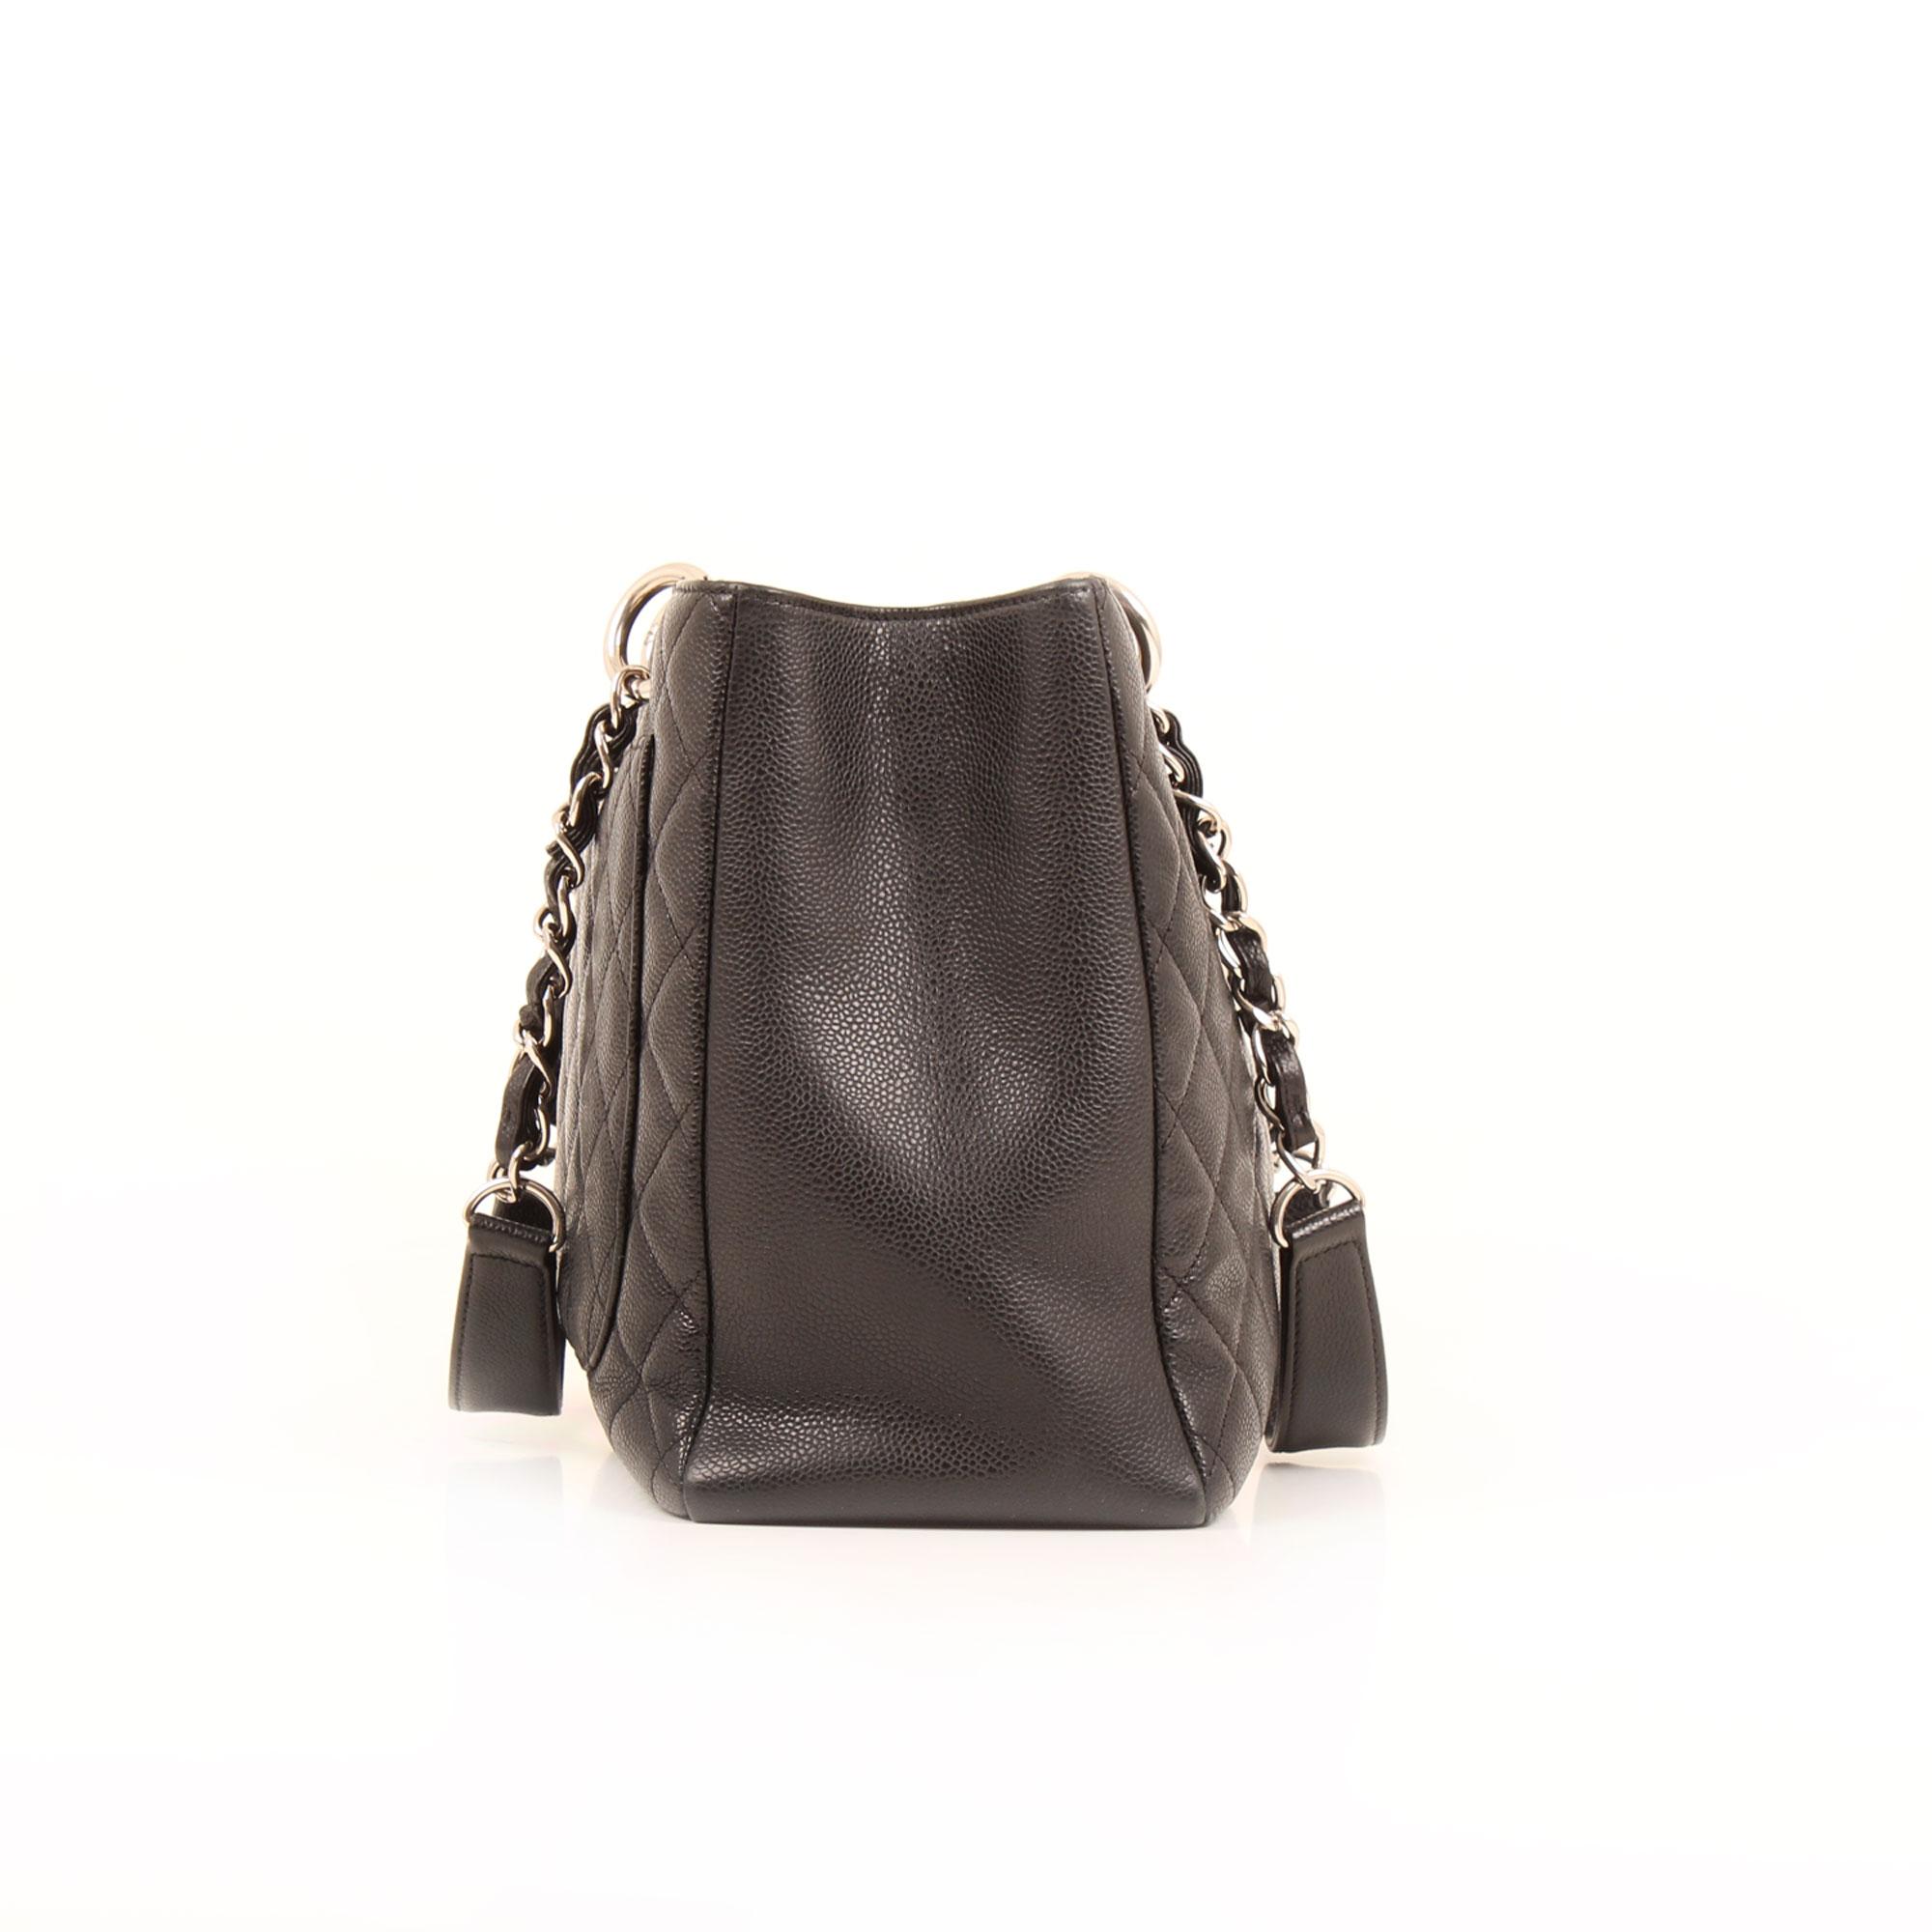 Imagen lateral del bolso chanel grand shopping tote caviar negro